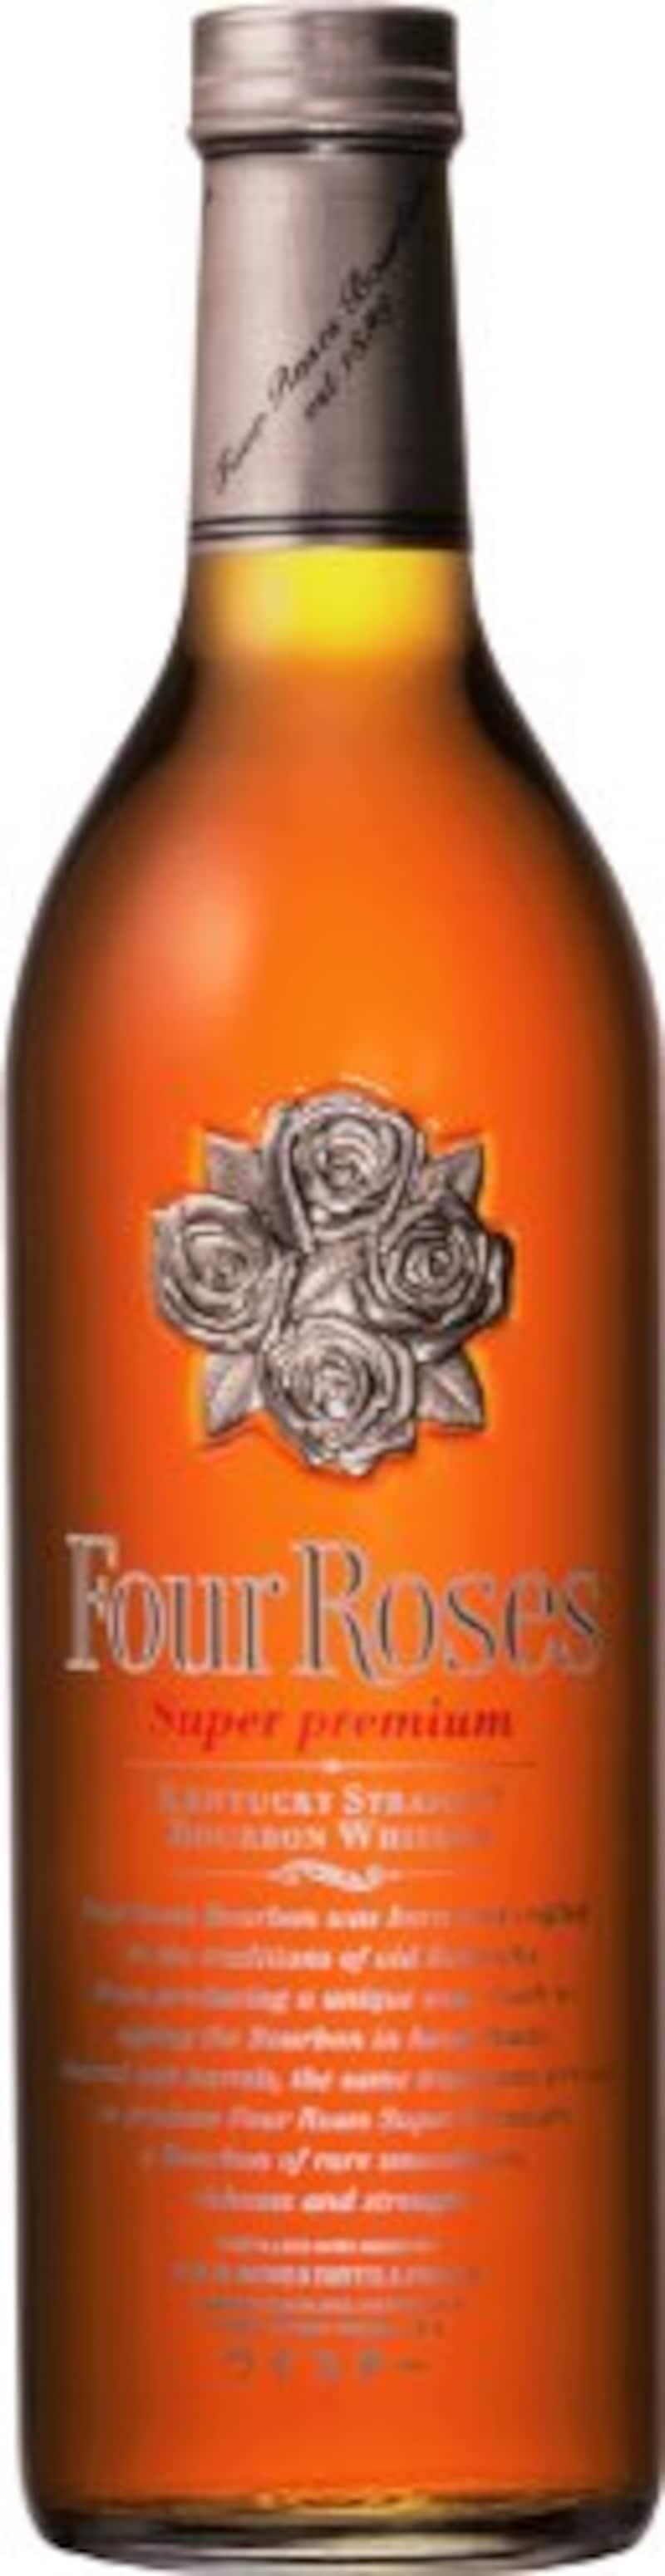 Four Roses(フォアローゼズ),フォアローゼズ プラチナ,-